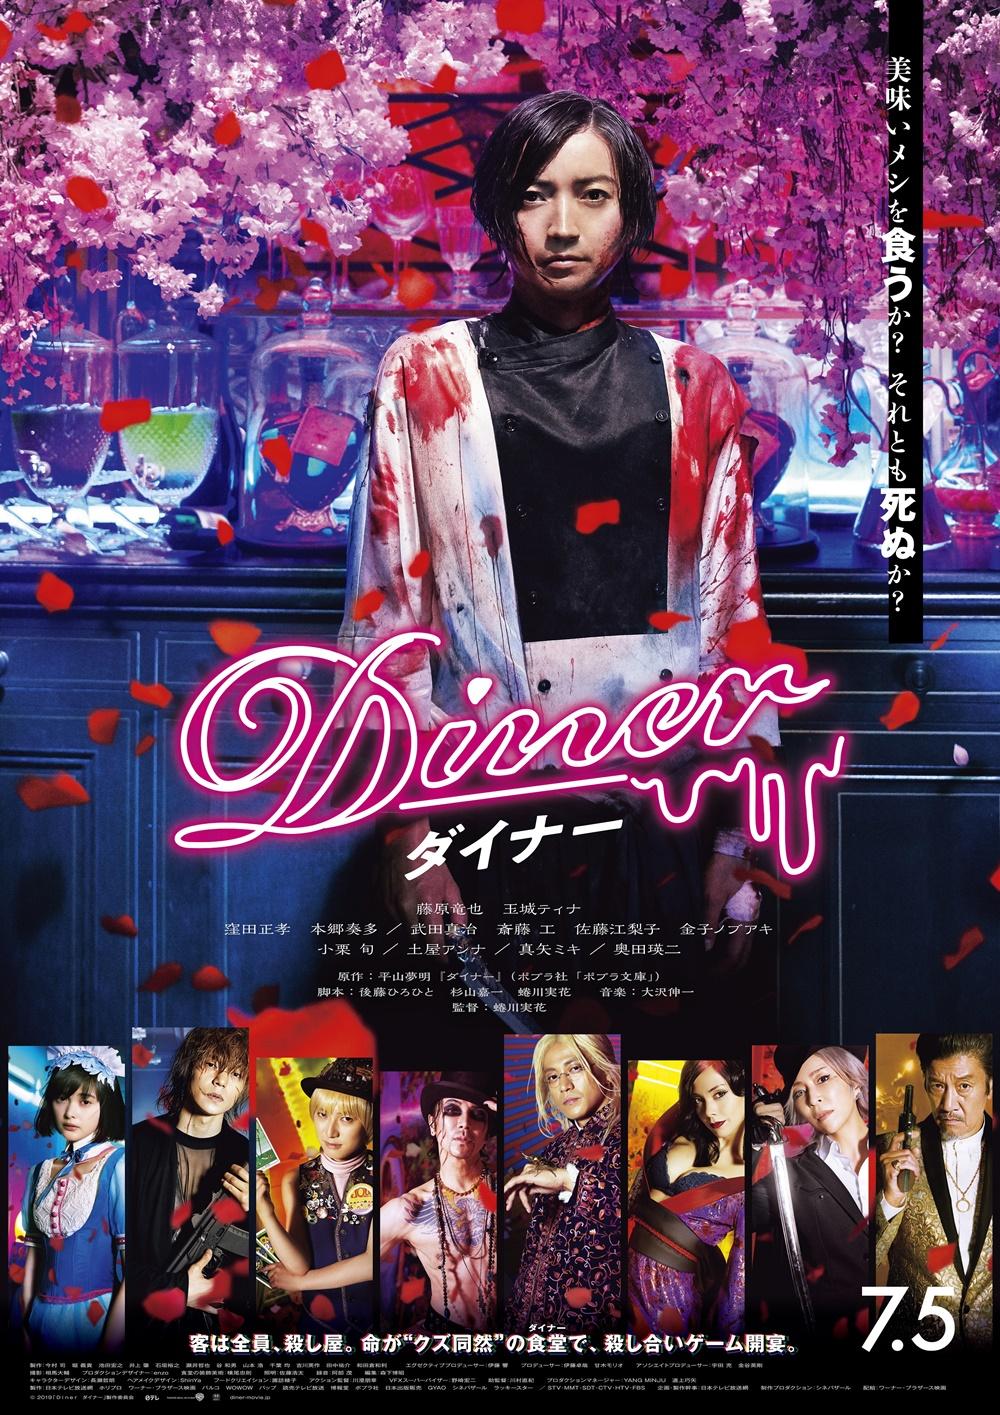 【画像】映画『Diner ダイナー』ポスタービジュアル